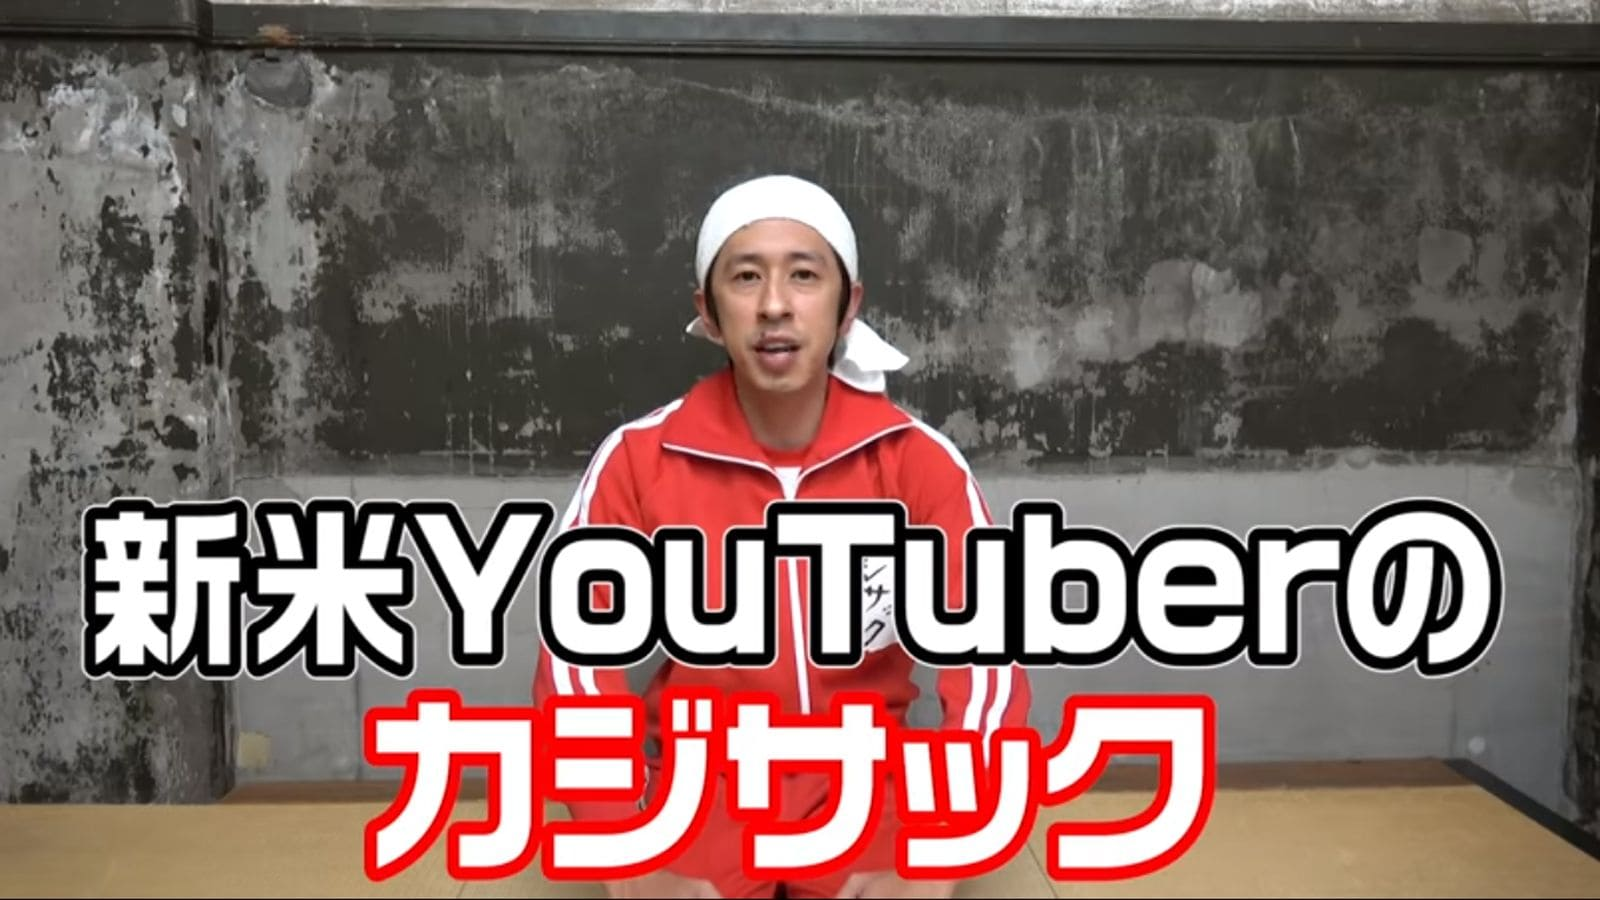 カジサック youtube